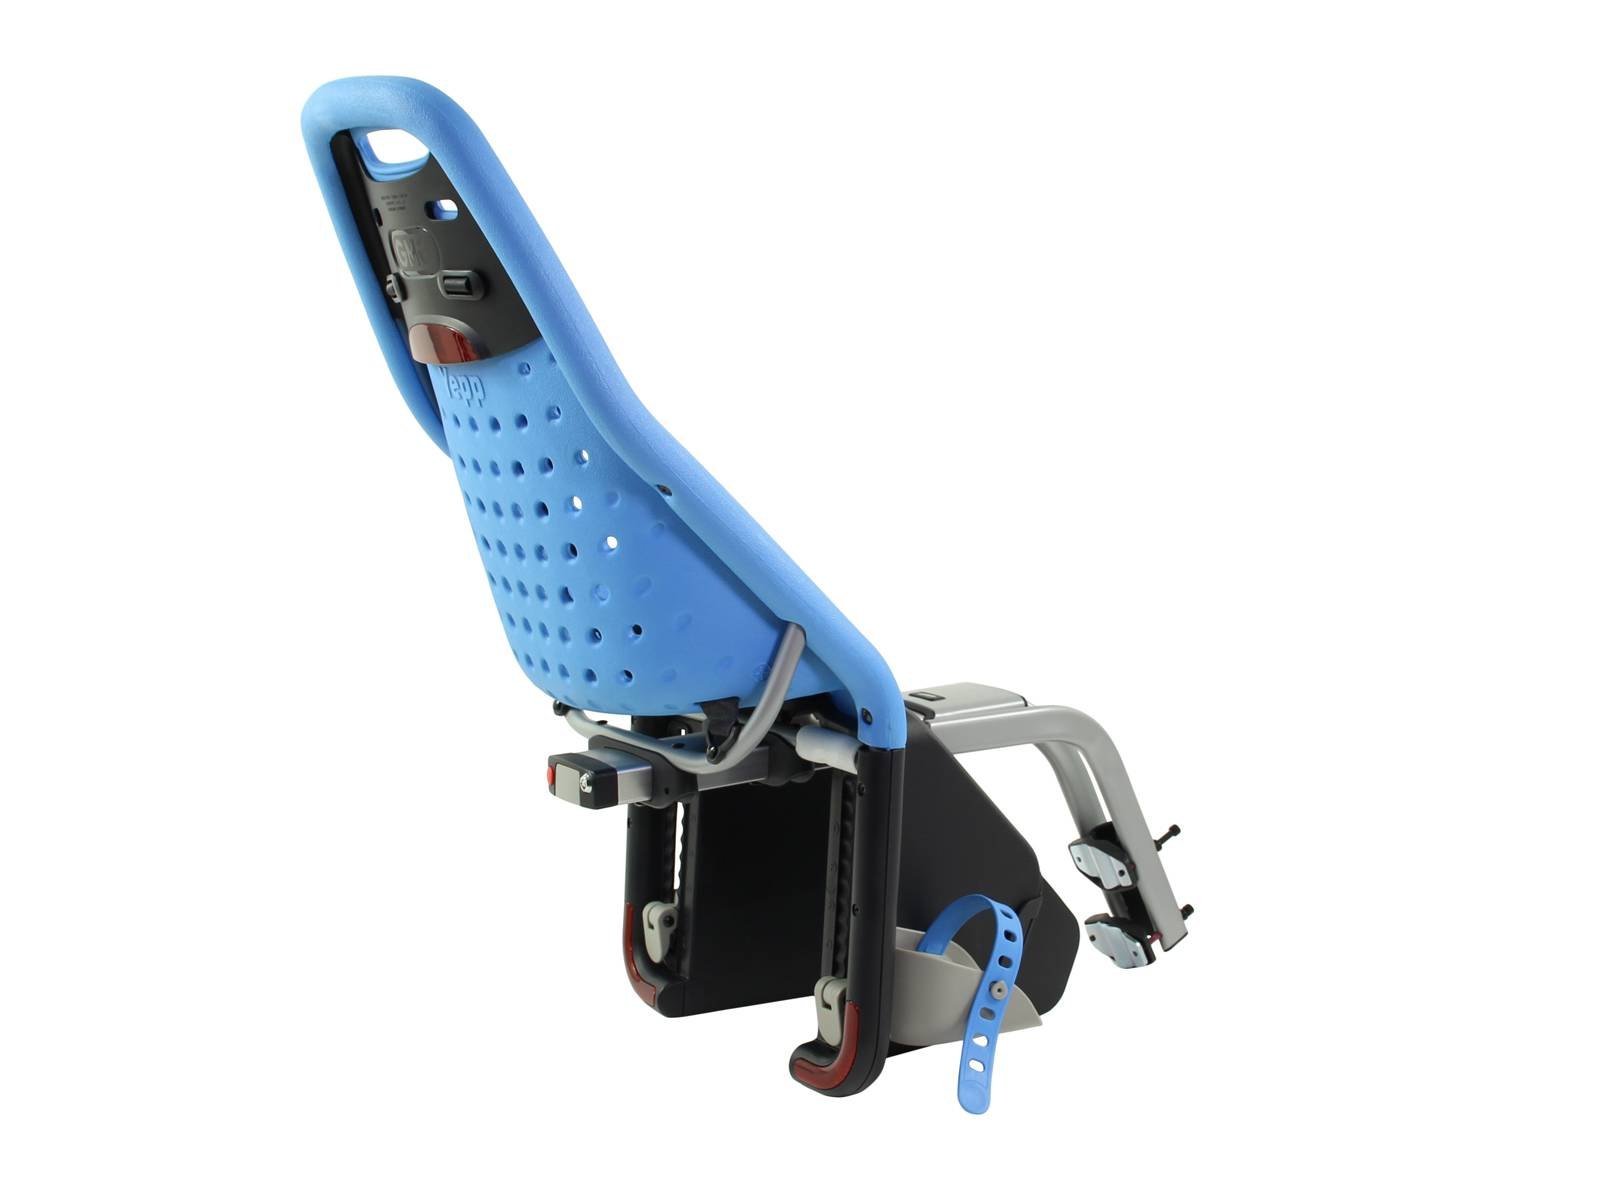 gmg yepp fahrrad kindersitz hinten maxi blau fahrradkomfort. Black Bedroom Furniture Sets. Home Design Ideas